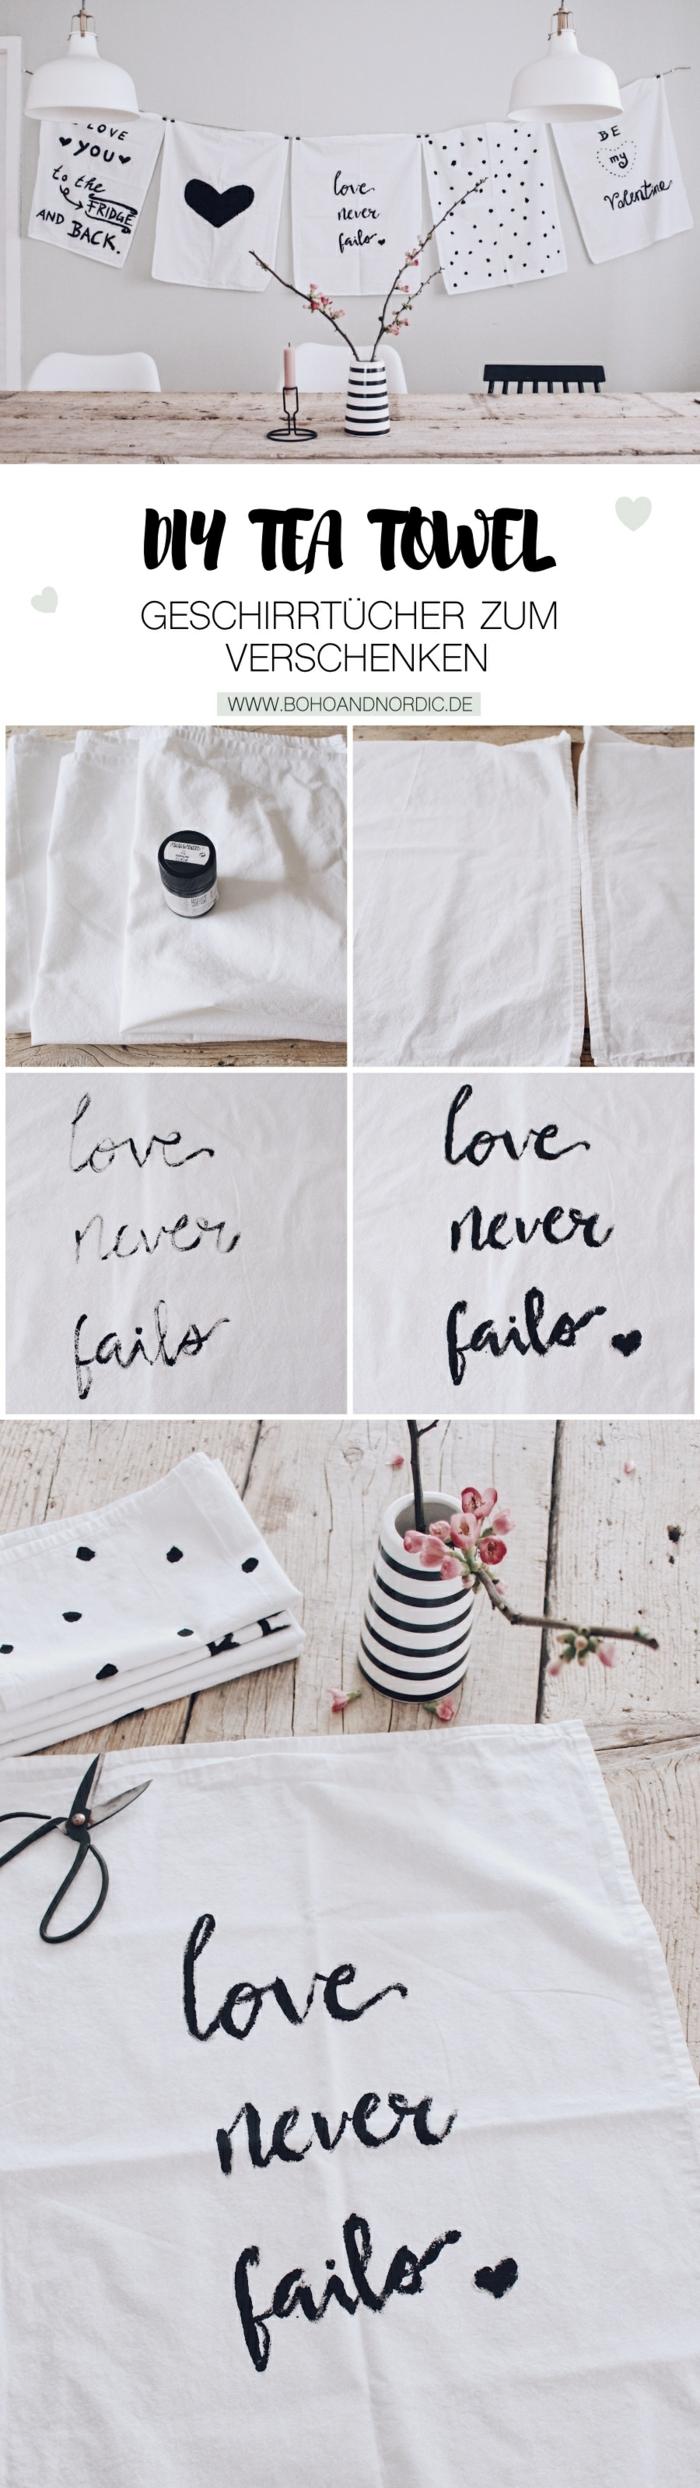 Geschirrtücher in weiß mit Beschriftungen, Vase in schwarz und weiß mit pinken Blumen, Anleitung zum Selbermachen, Geschenke zum 80 Geburtstag Oma